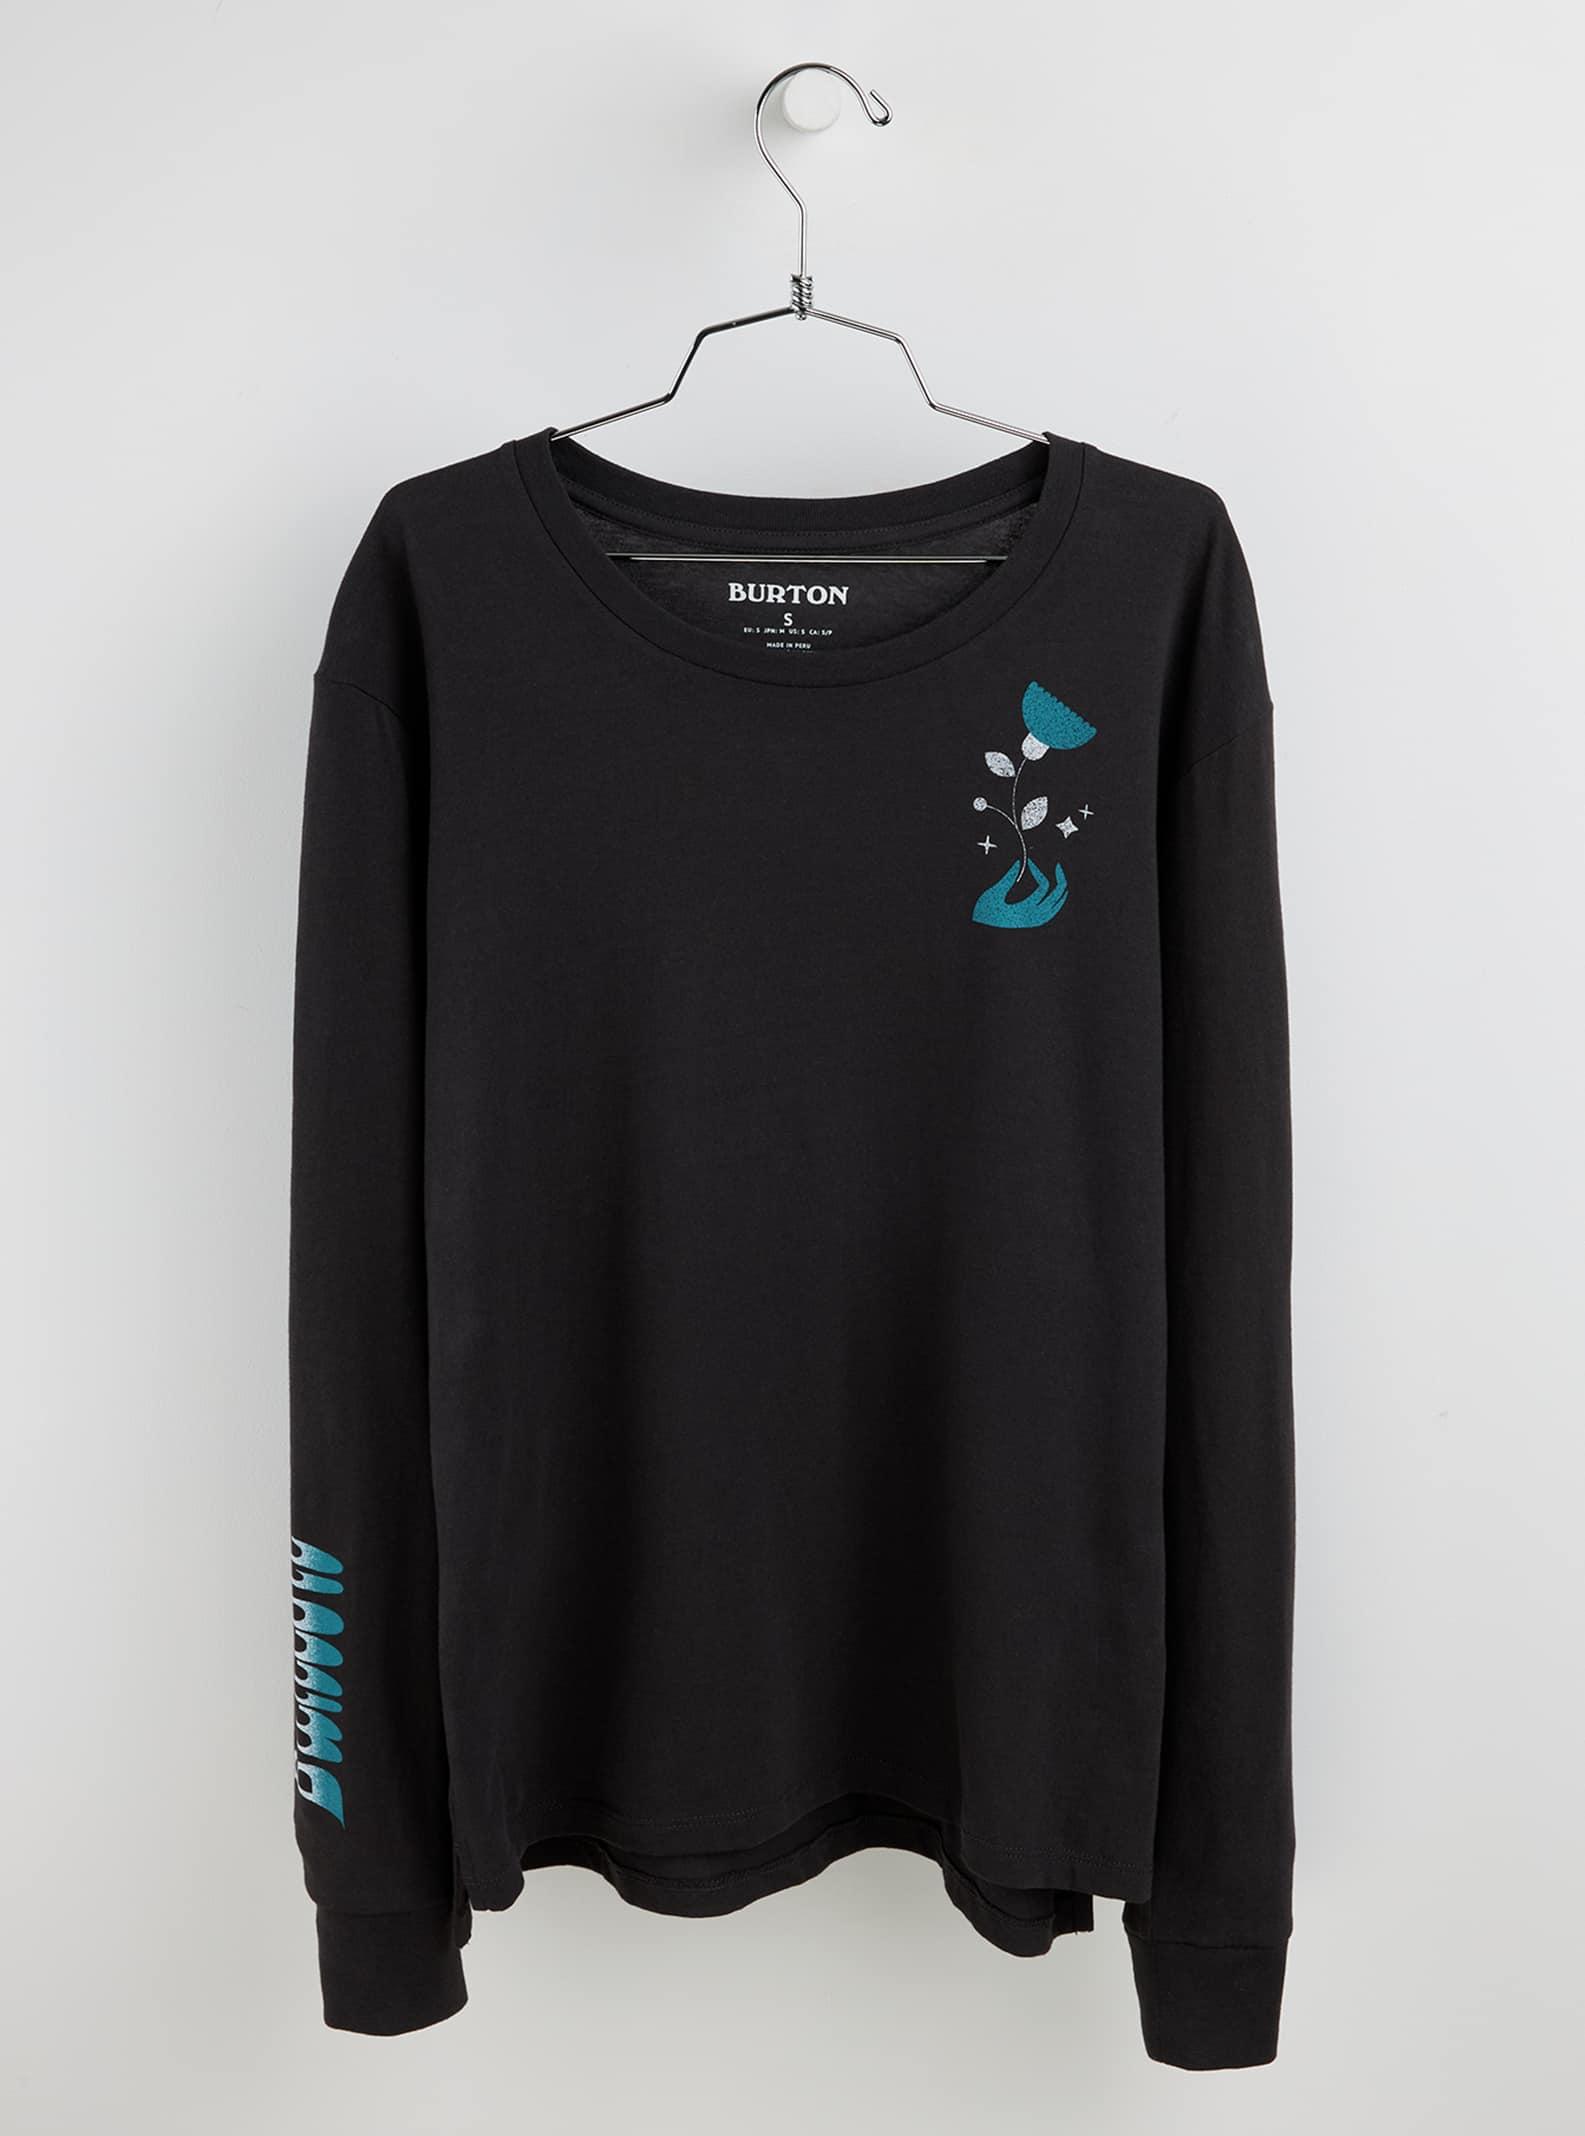 Burton Clarkston långärmad t-shirt för kvinnor, L